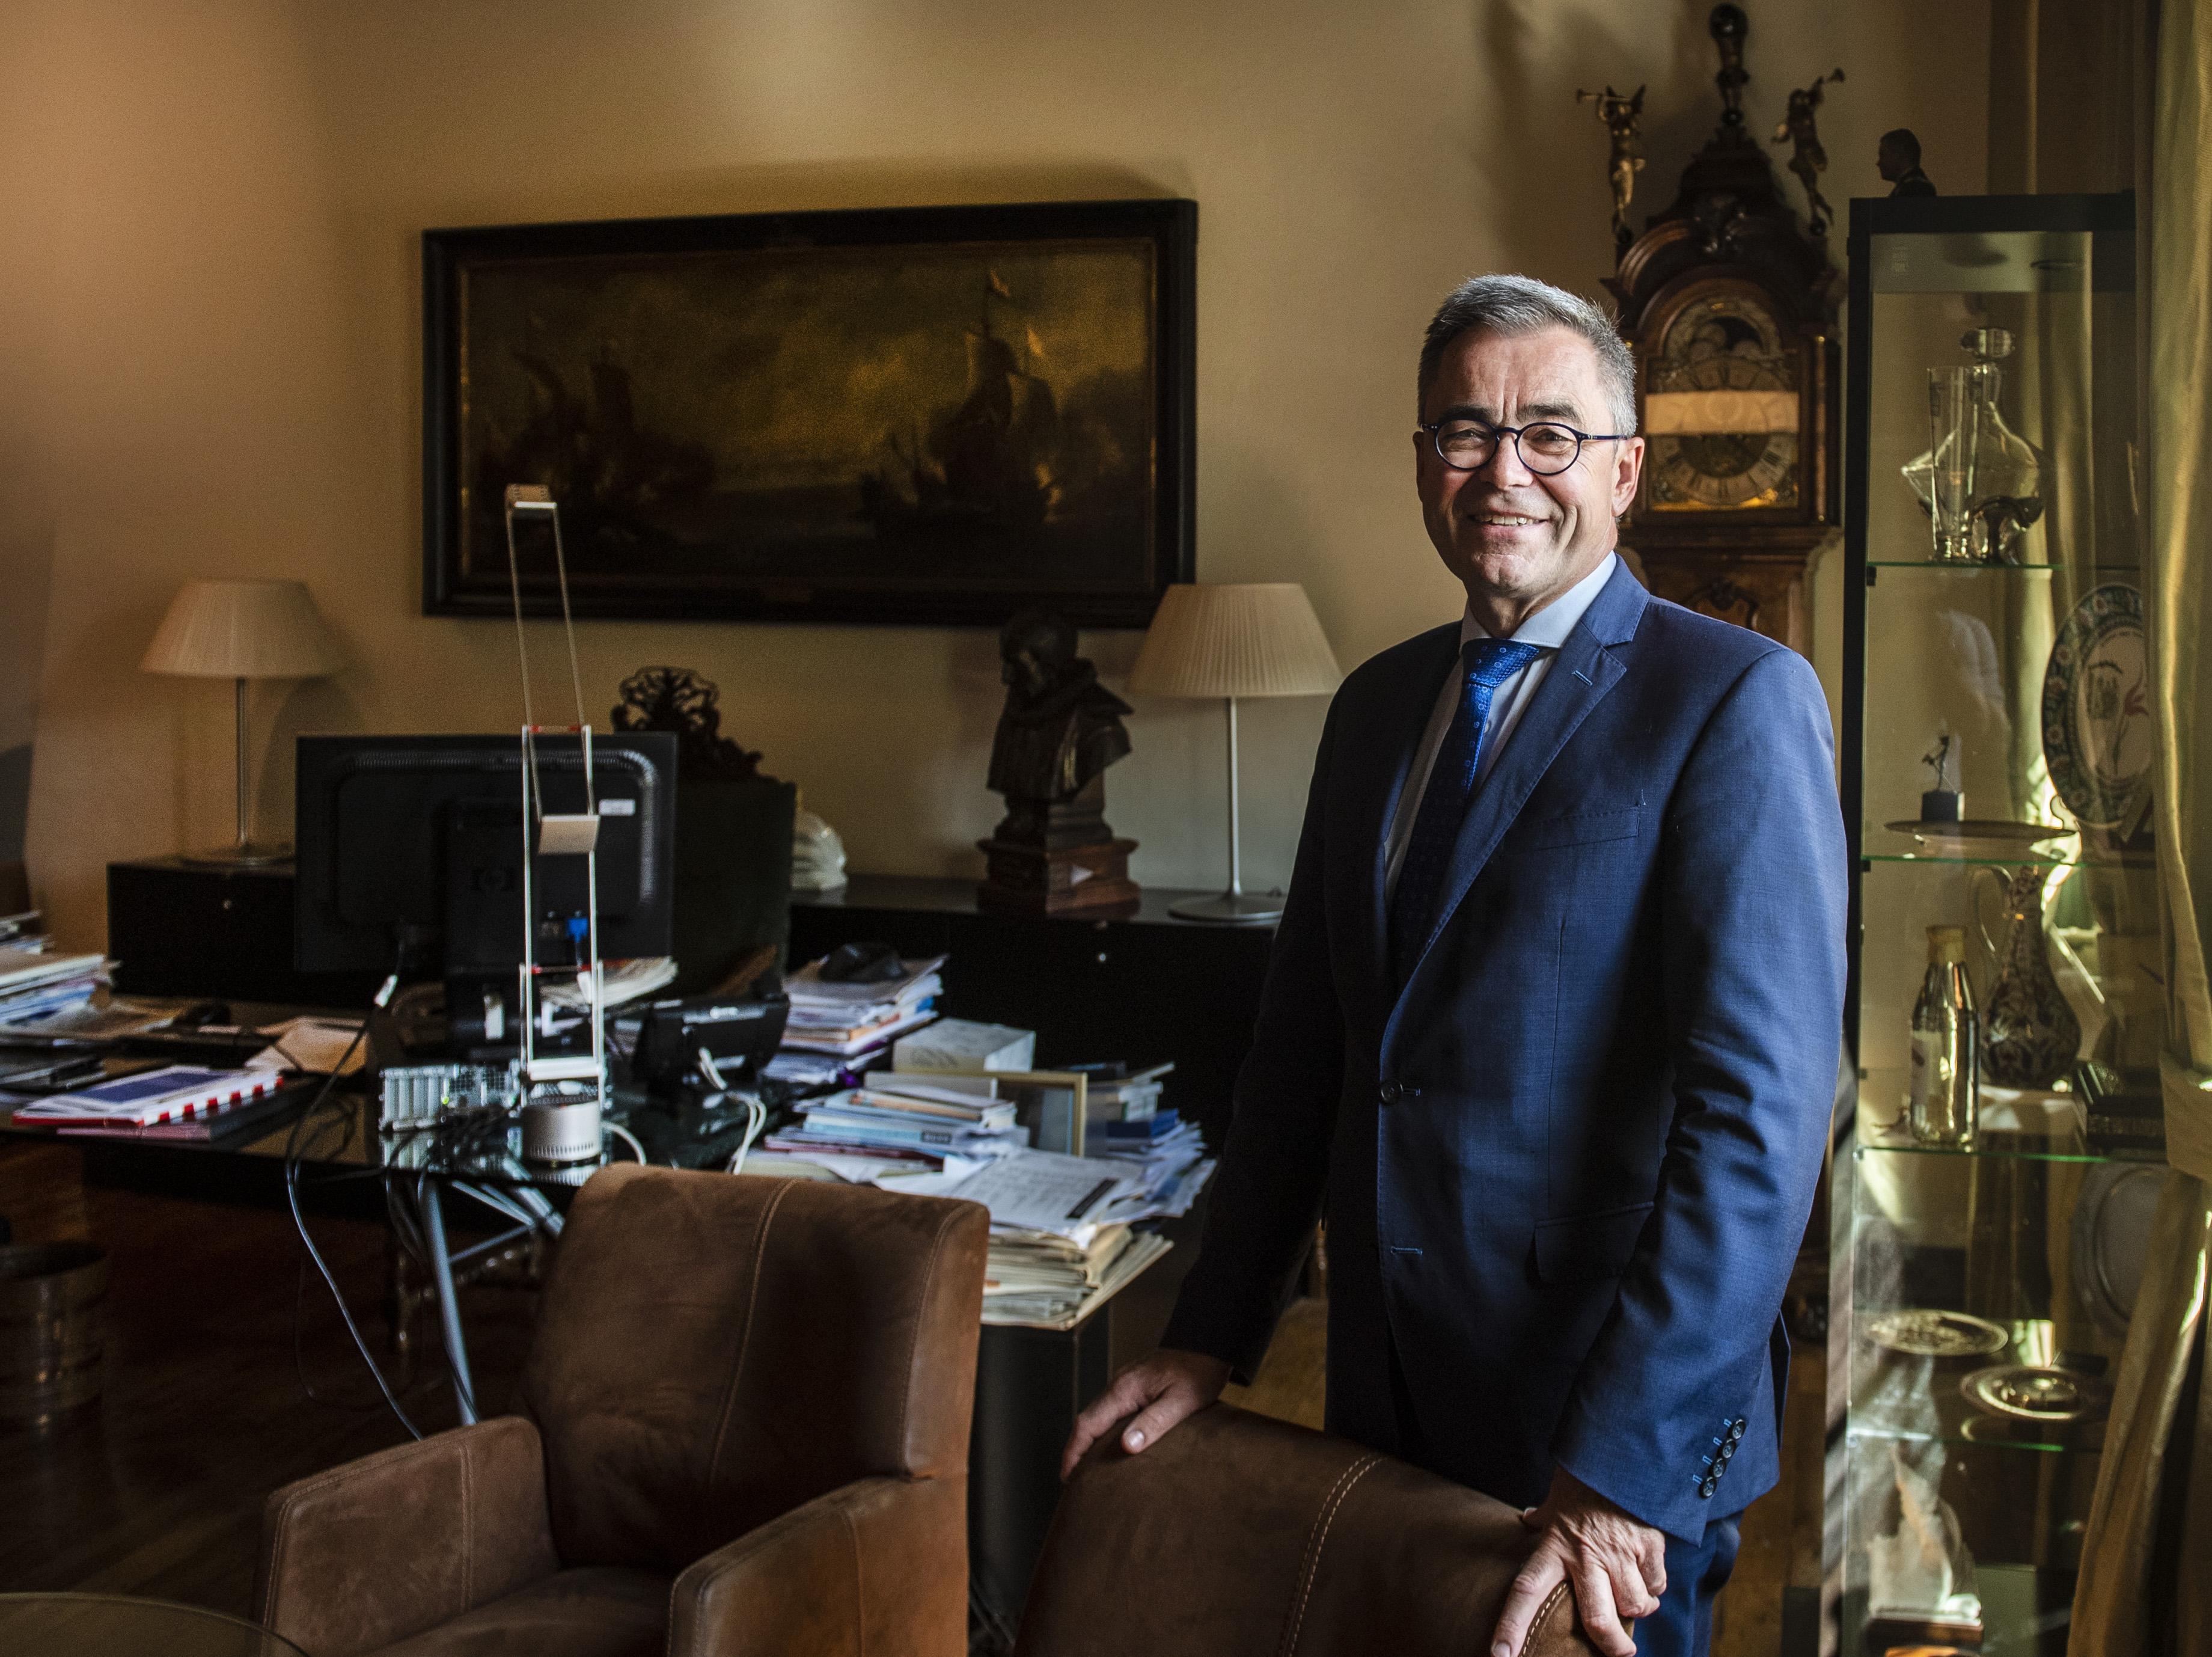 Burgemeester van Haarlem: 'Toegangsverbod tot raadszaal juist bedoeld om democratisch proces te waarborgen'